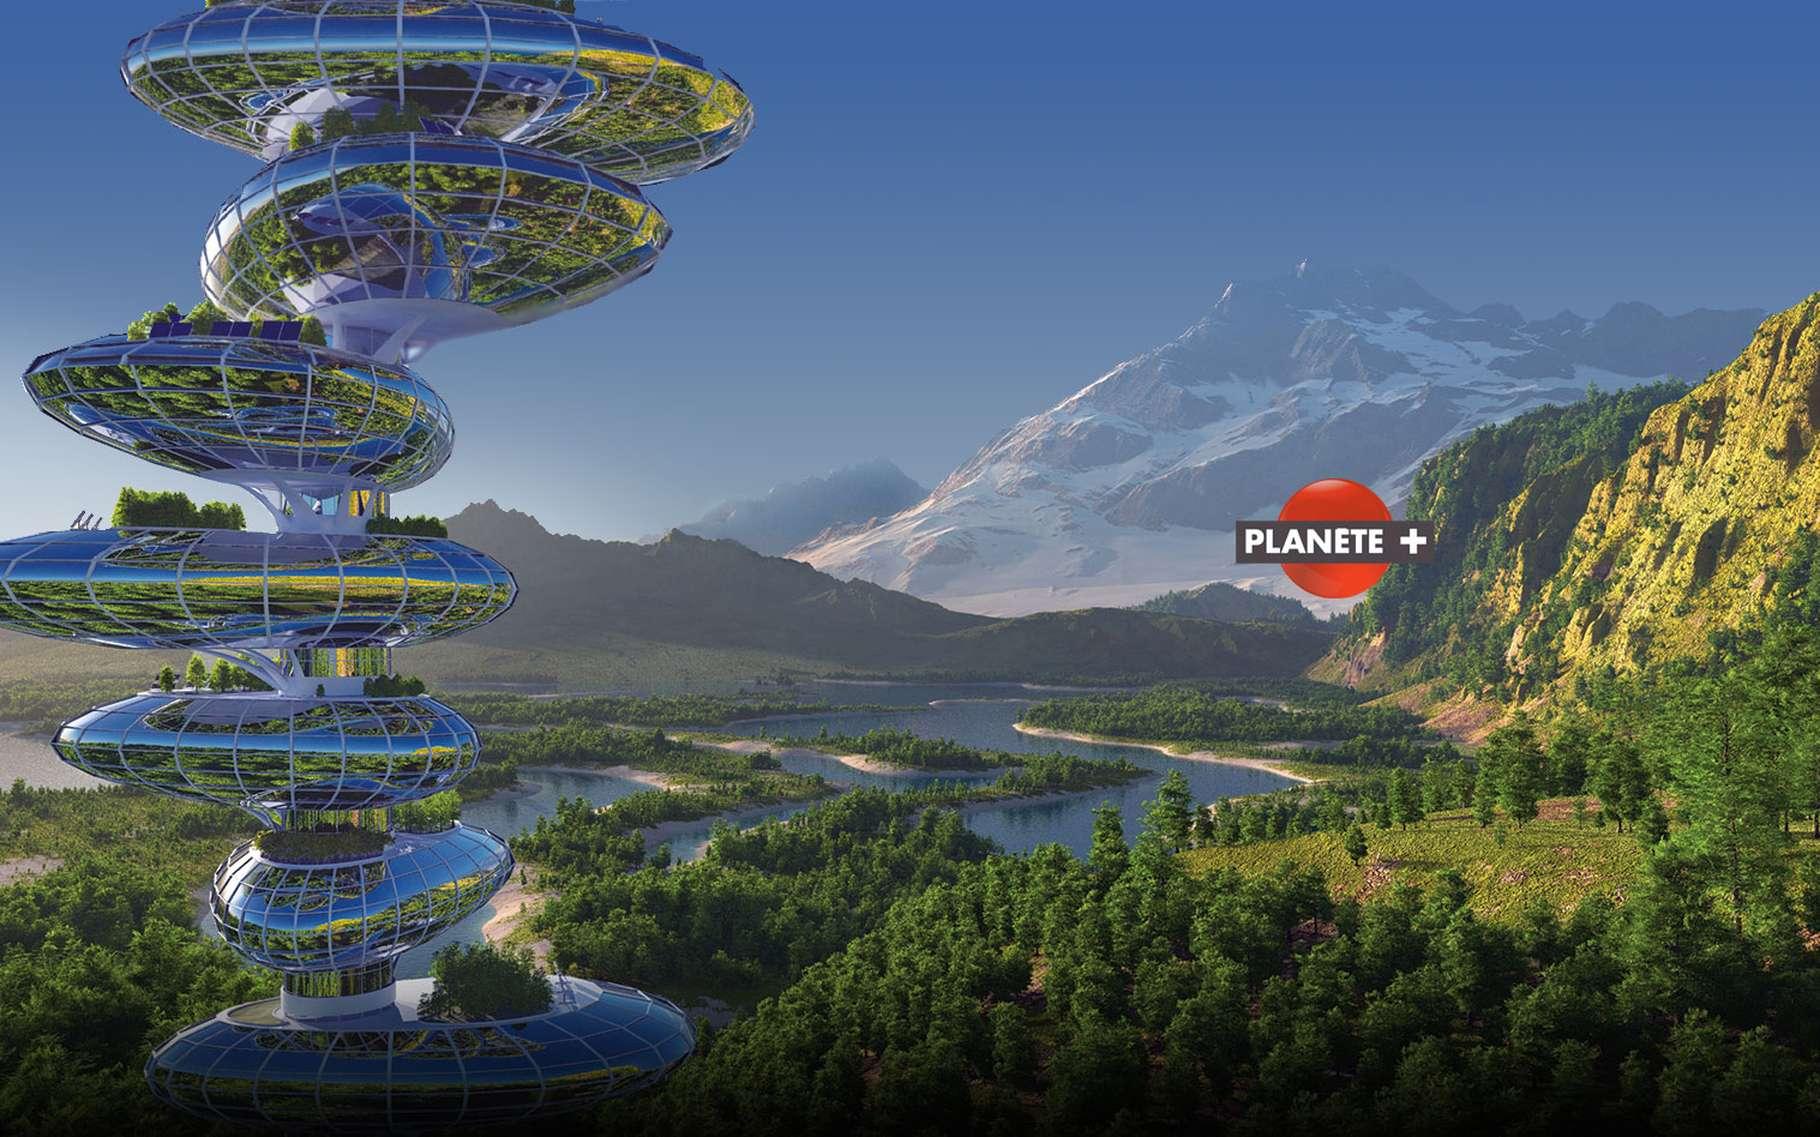 Rêver le futur : une série qui explore sérieusement les pistes menant peut-être à notre avenir. © Futura, PlanètePlus